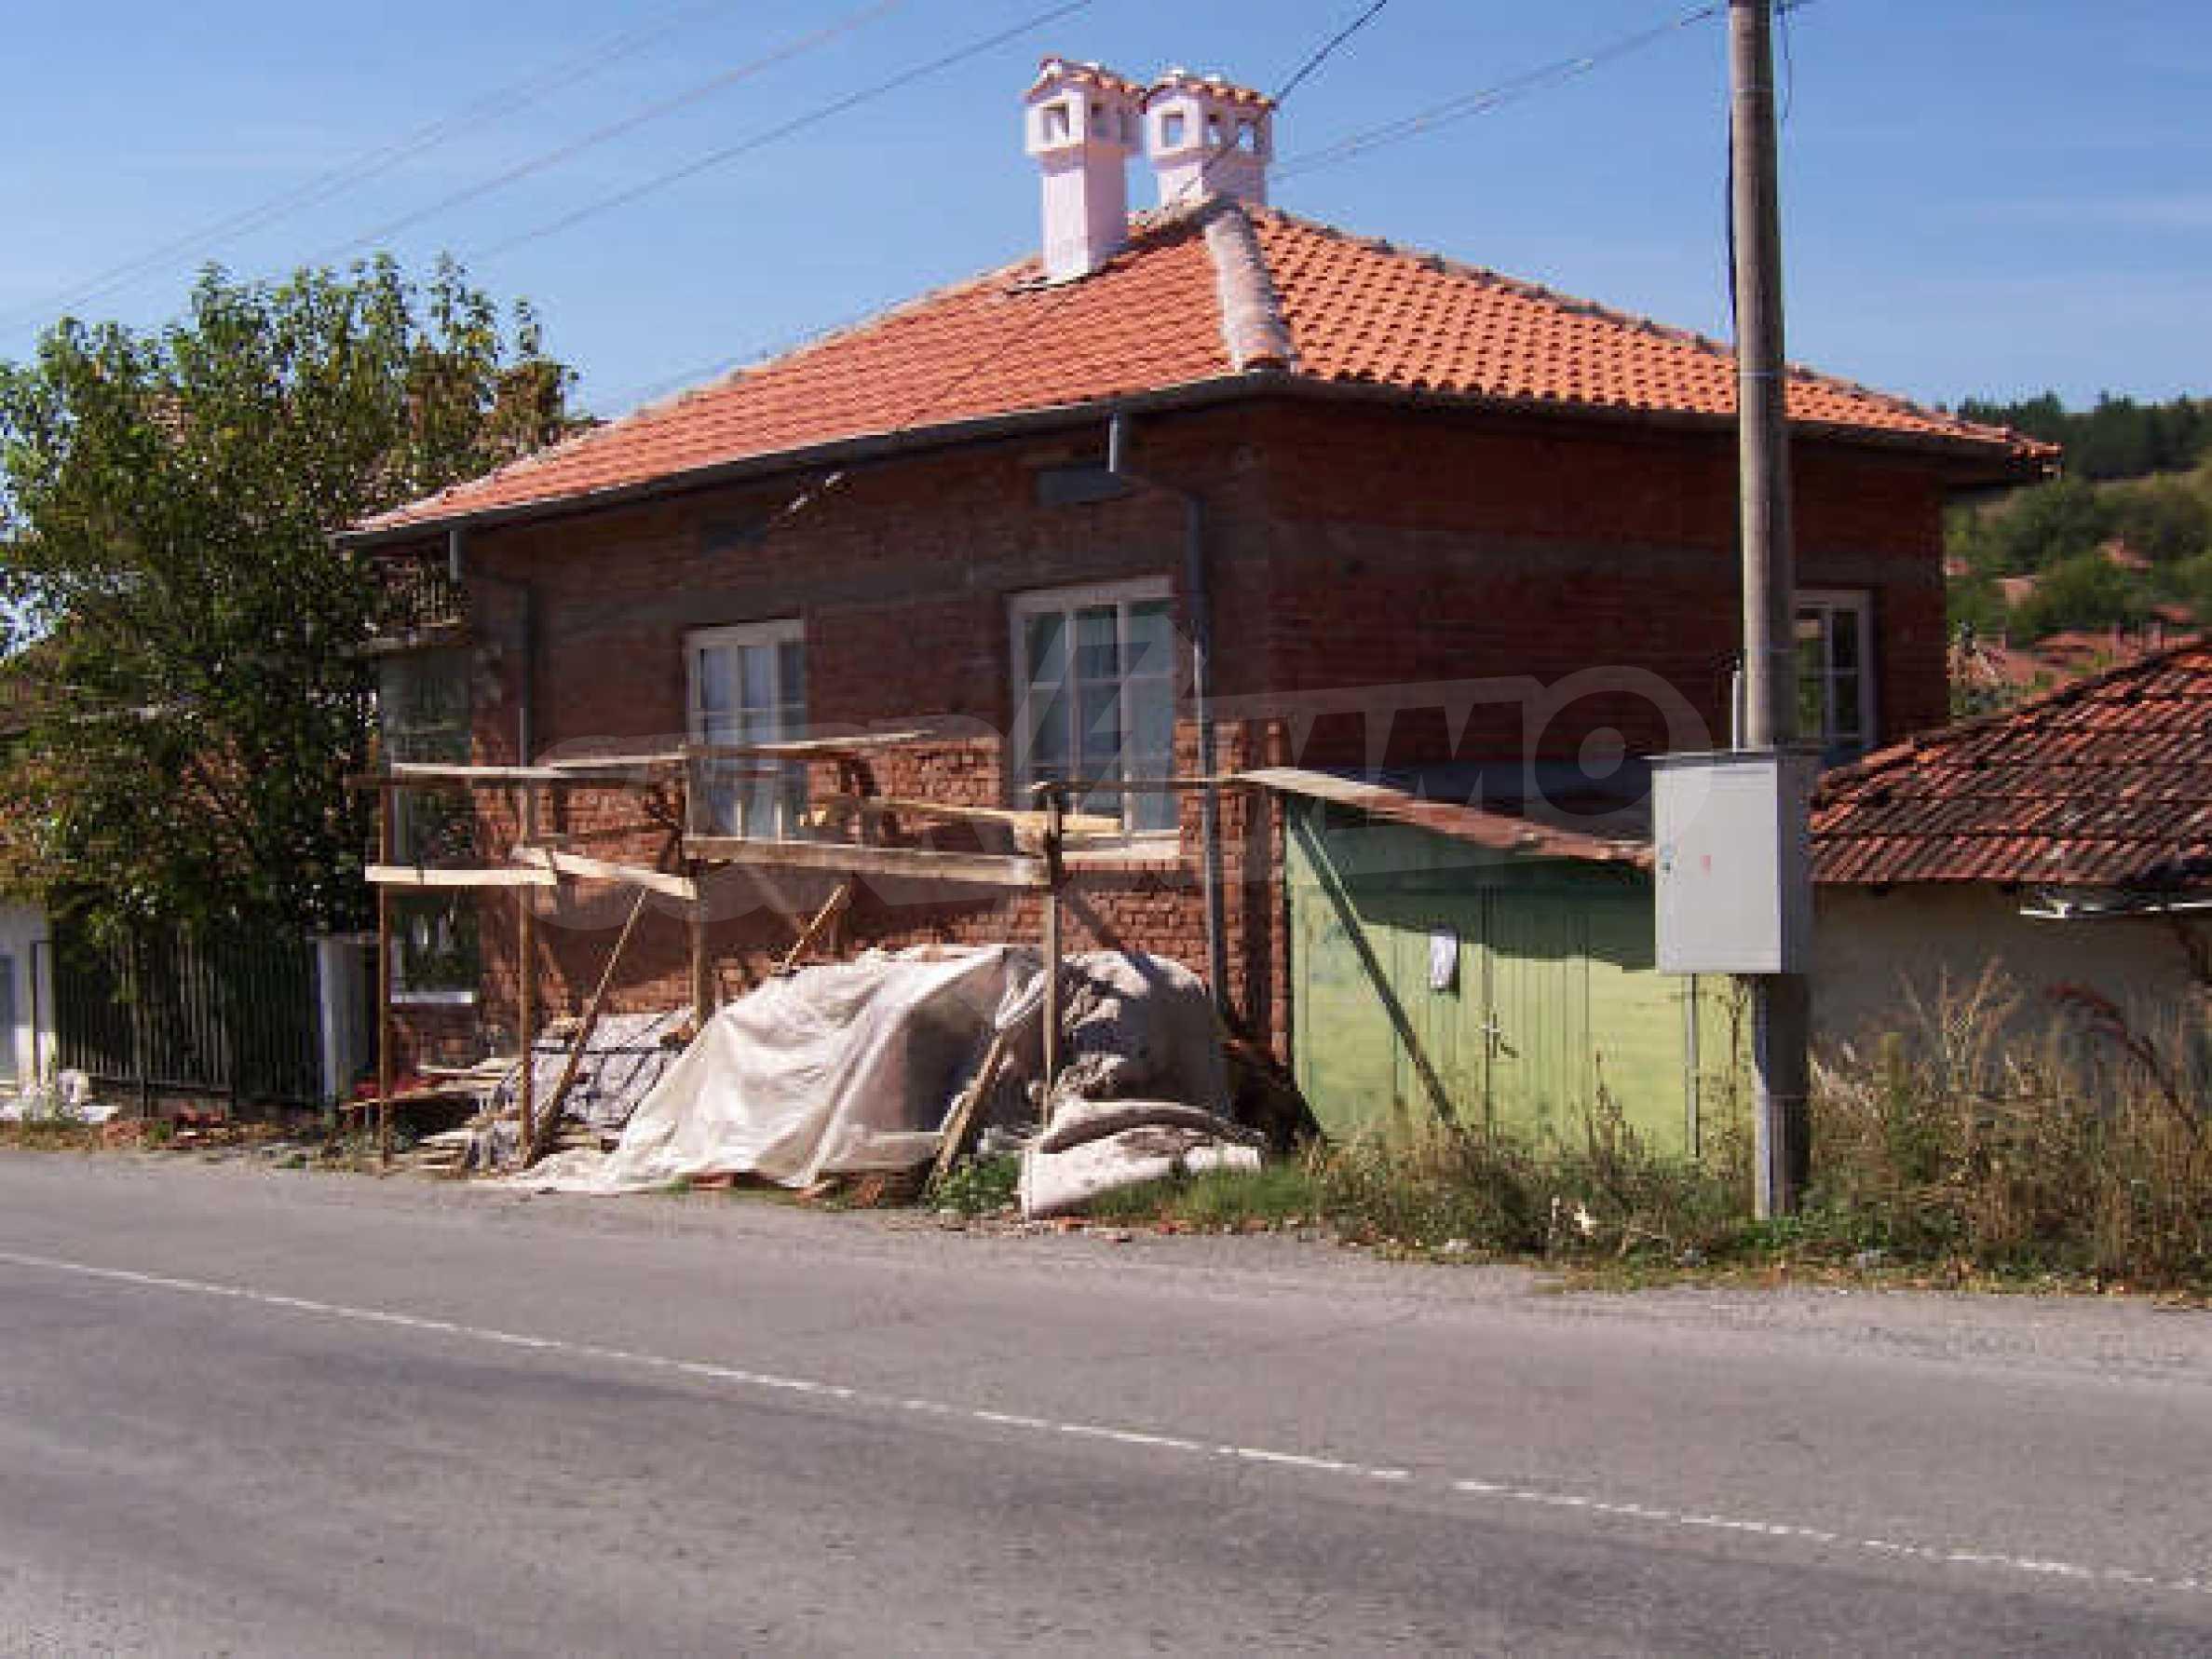 Haus zum Verkauf in der Nähe von Kyustendil 5